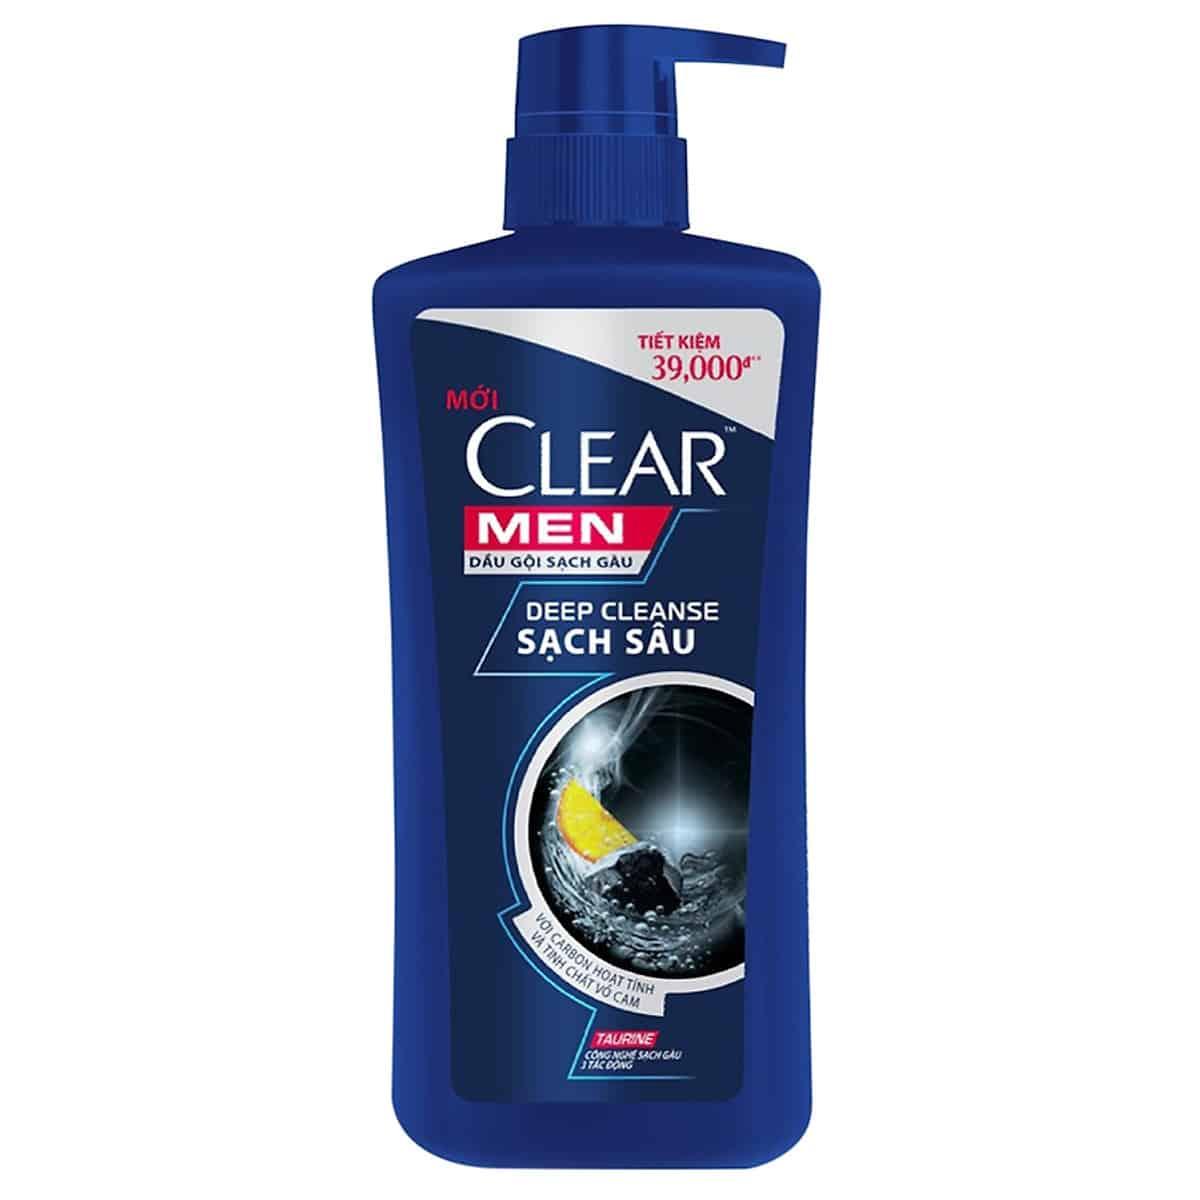 Dầu gội trị gàu cho nam chính hãng Clear Men 650g